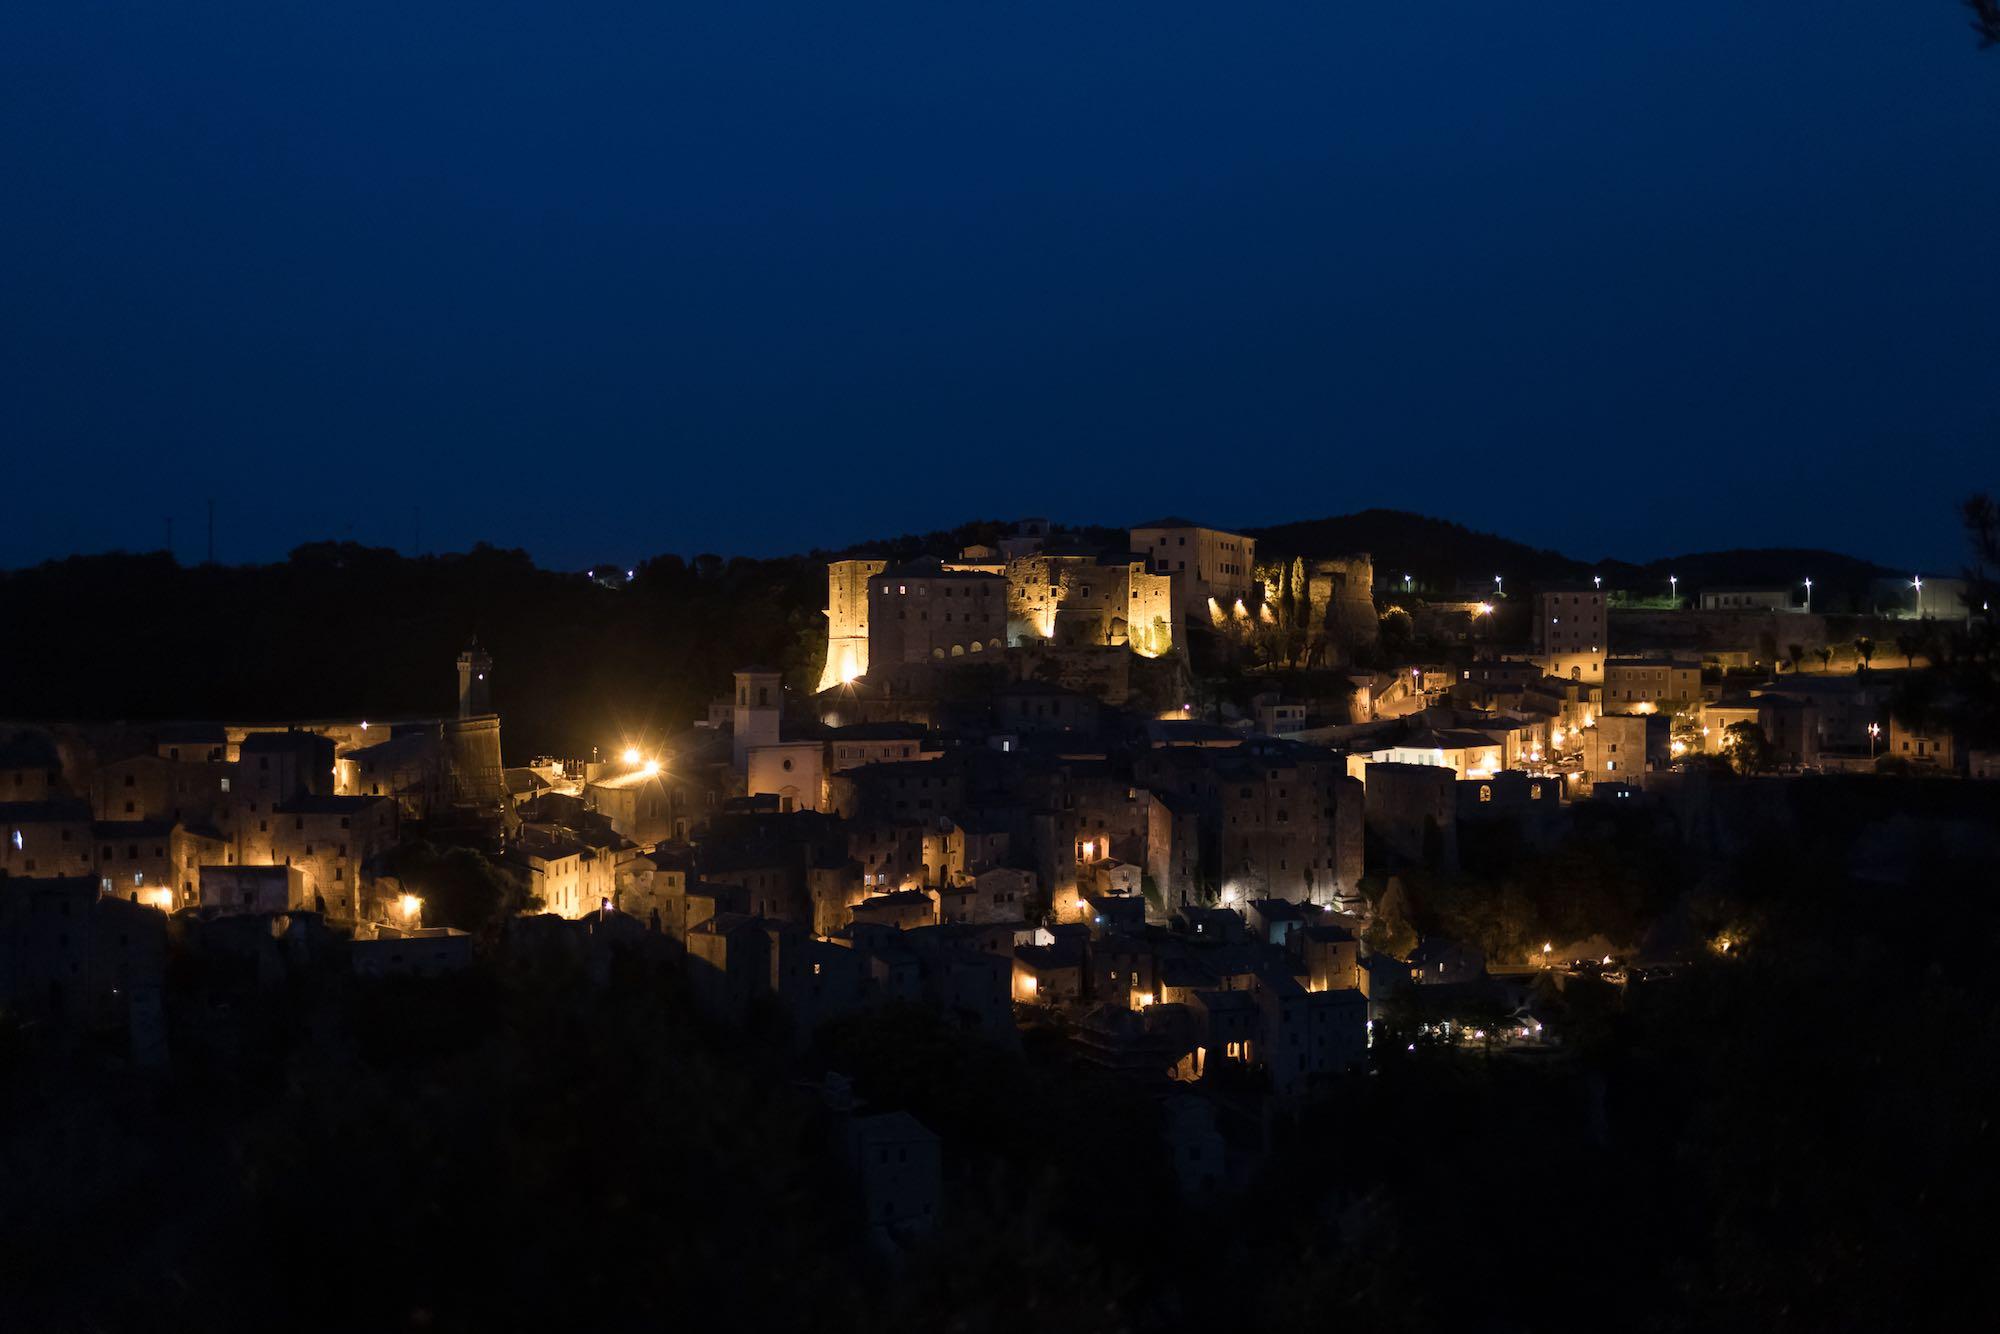 Vista panoramica del borgo di Sorano di notte